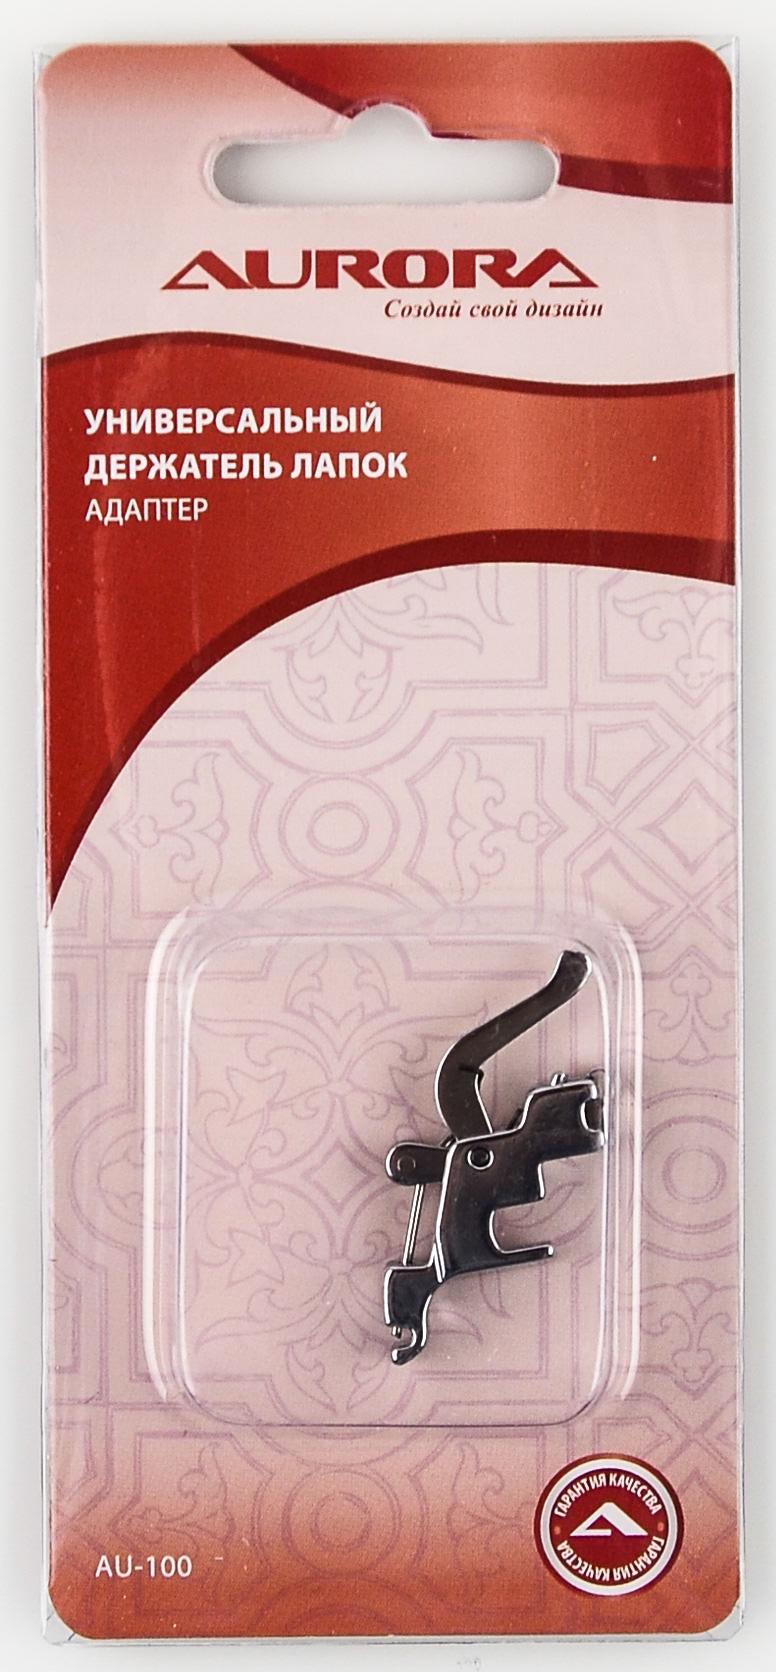 Лапка AU-100 для шв.маш. (в блистере) адаптер 43a20850da246